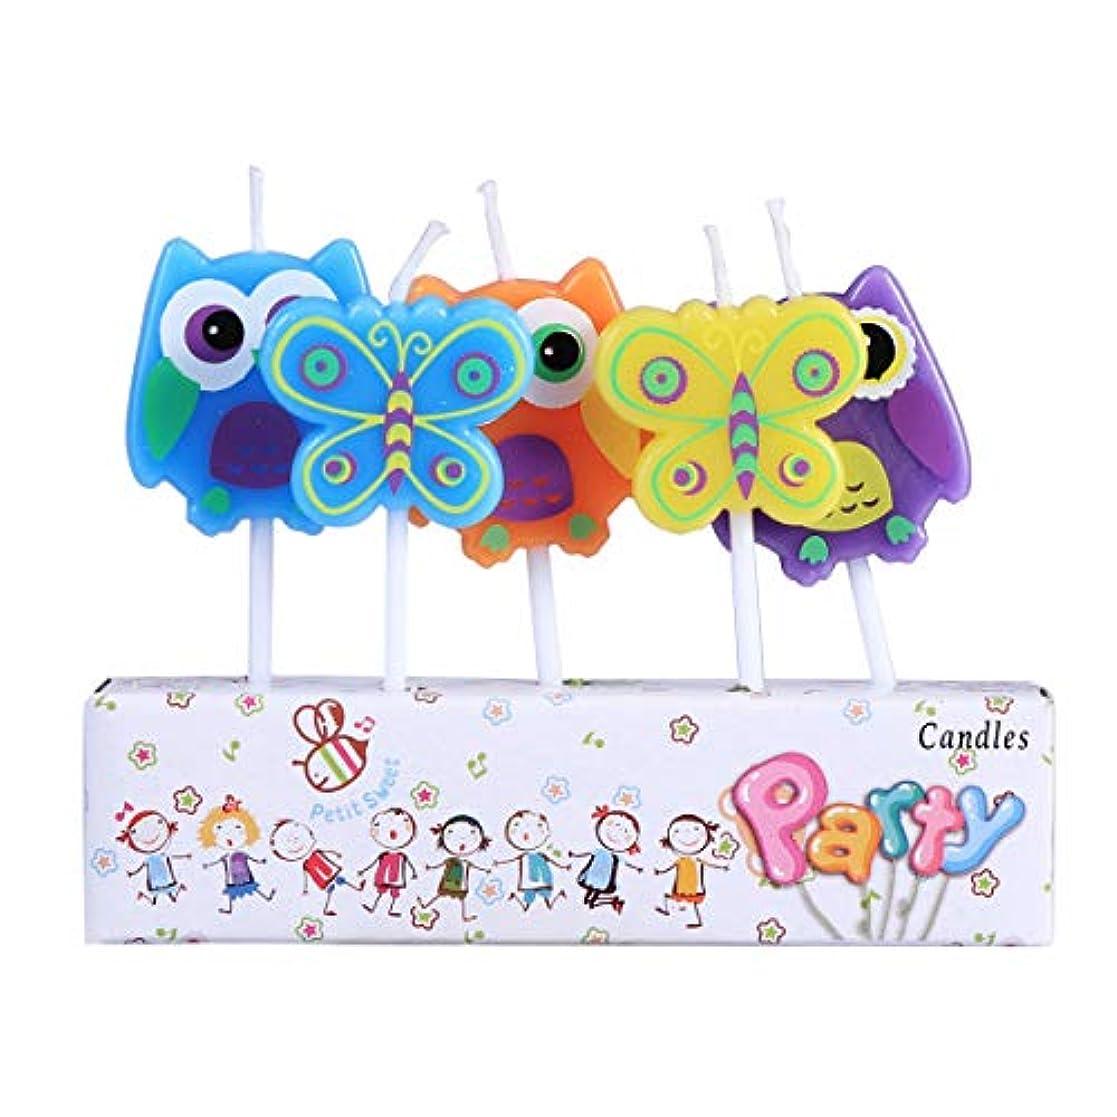 エスニックフィード句BESTOYARD 子供の誕生日の装飾のための5本の動物の誕生日ケーキのろうそく(フクロウ蝶形)